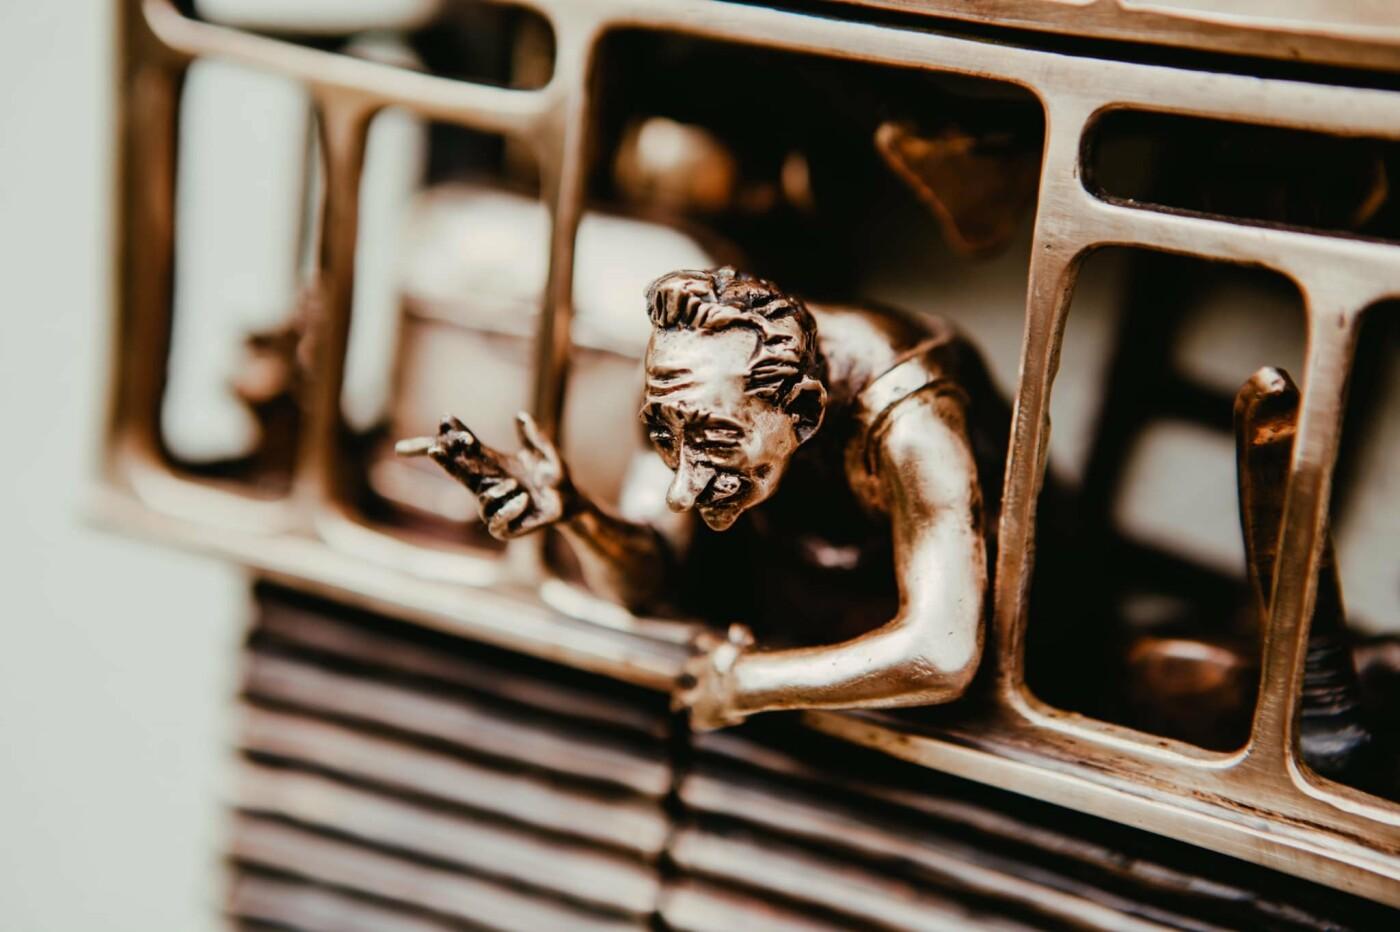 """В Киеве открыли новую мини-скульптуру проекта """"Шукай"""": ее посвятили застекленным балконам, - ФОТО, фото-1, Фото: Ekaterina Voronina"""